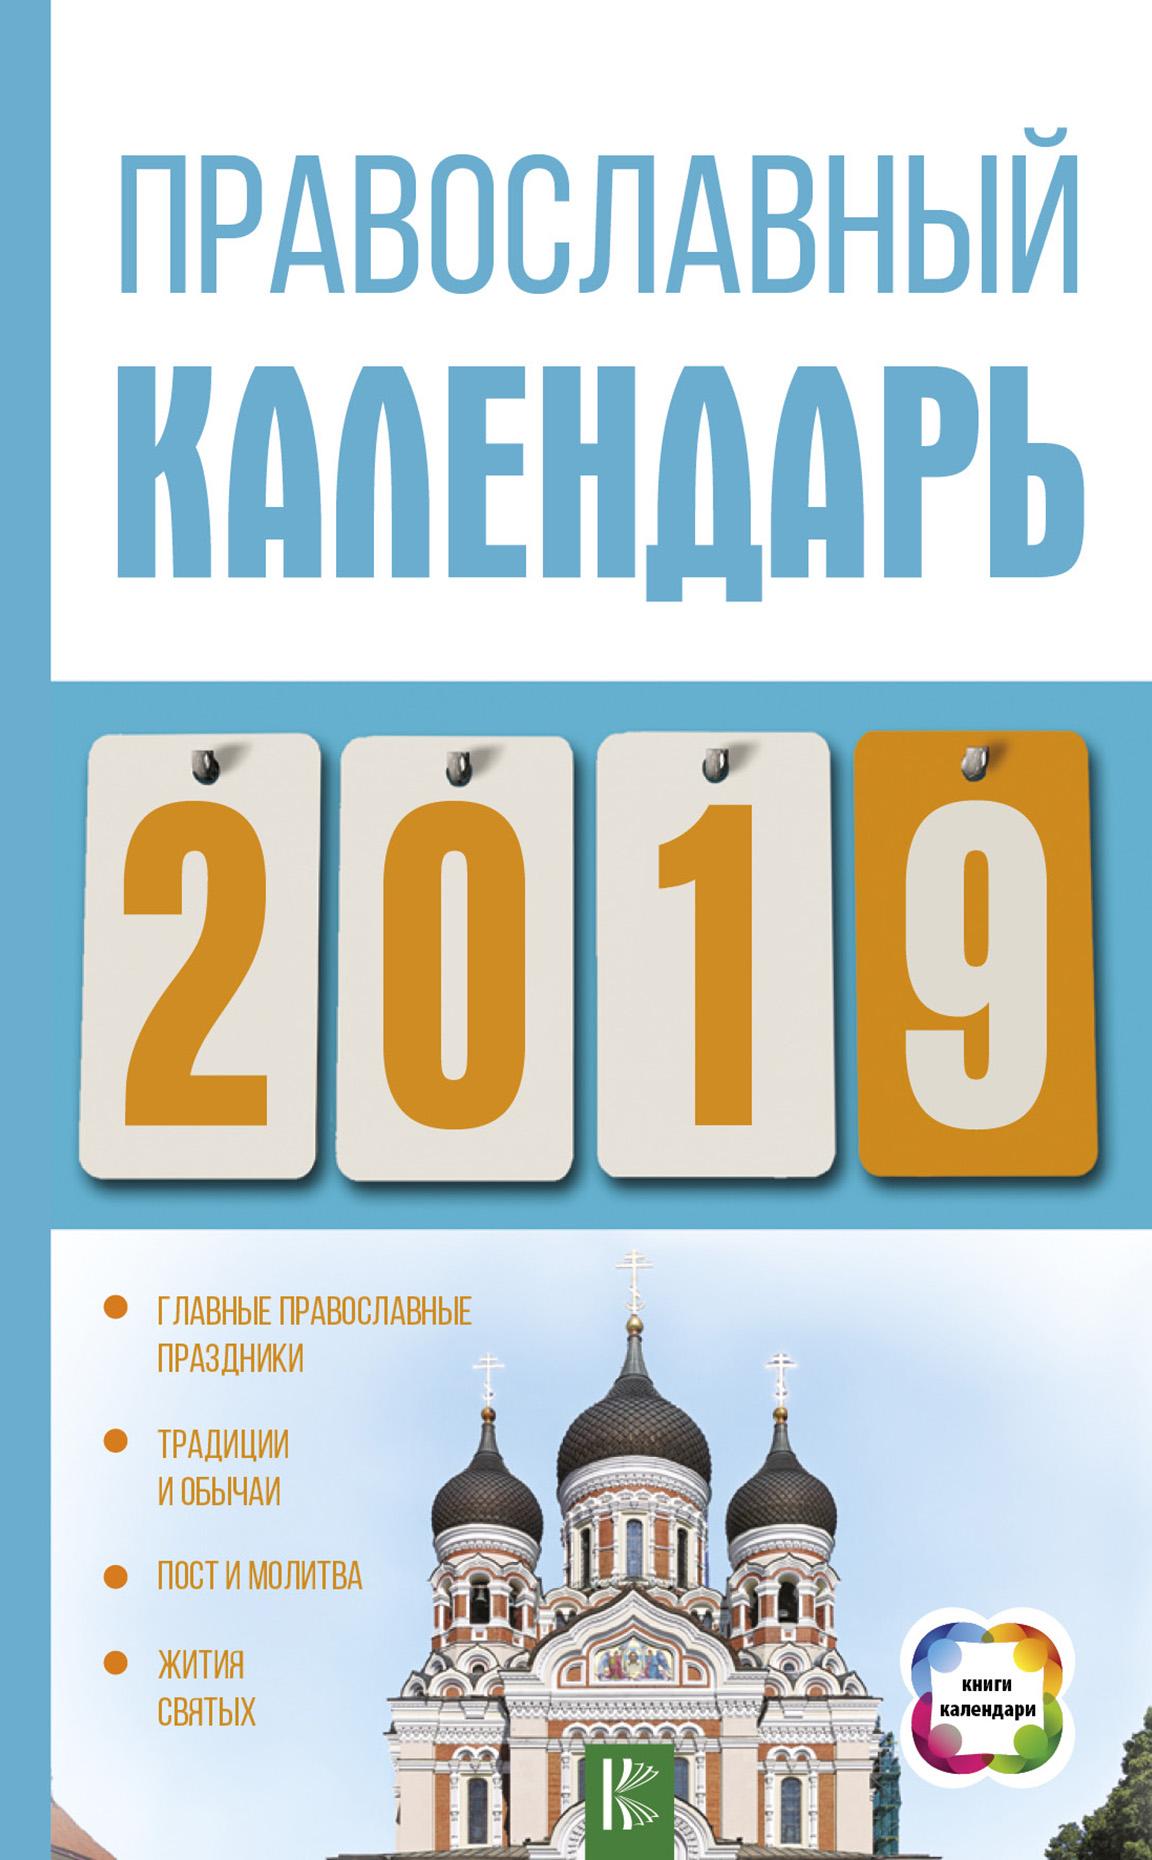 Диана Хорсанд-Мавроматис Православный календарь на 2019 год в и жиглов школьный календарь 2018 год